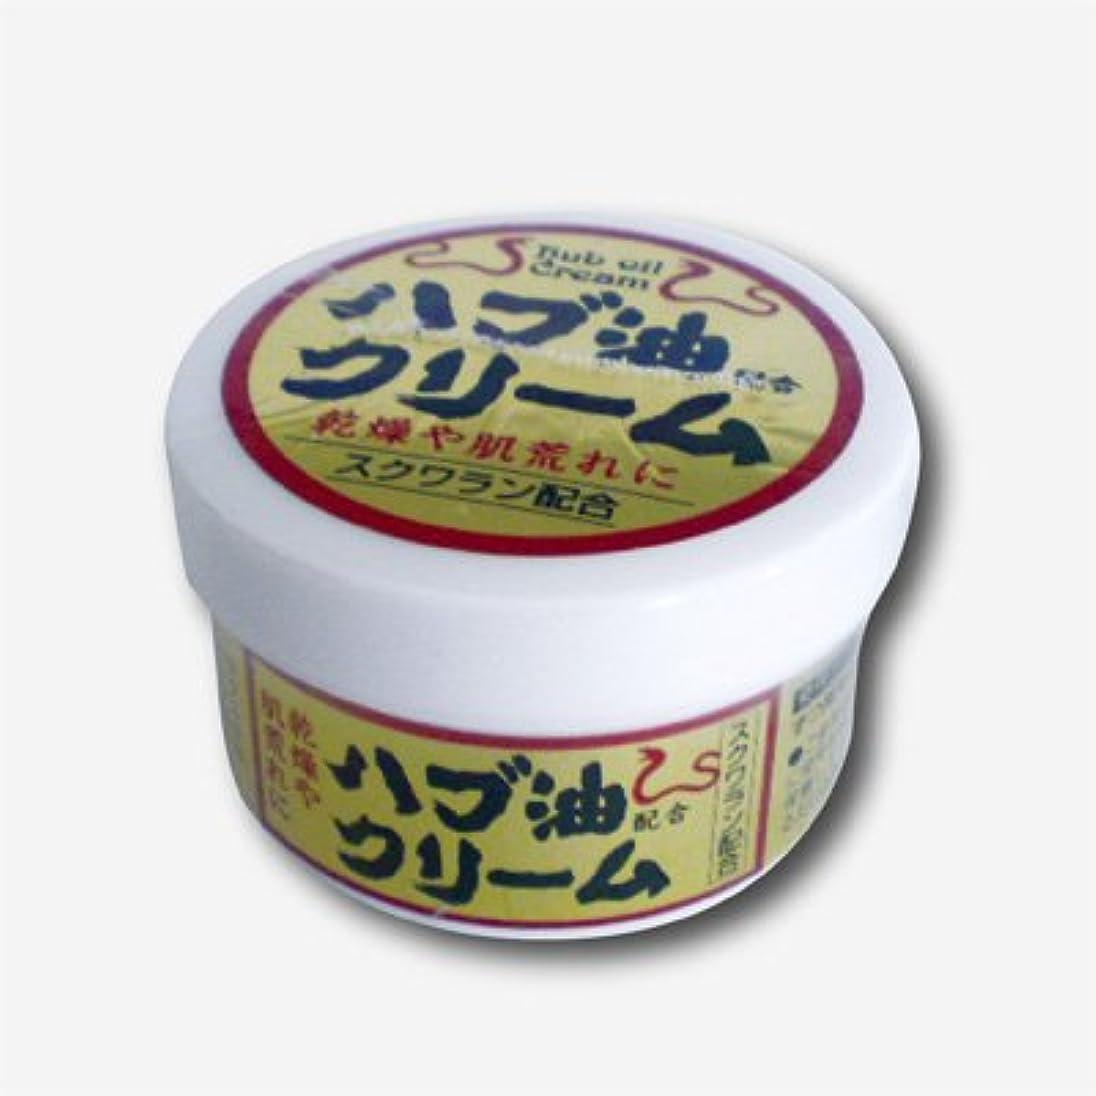 いっぱい厳不安ハブ油配合クリーム 1個【1個?50g】